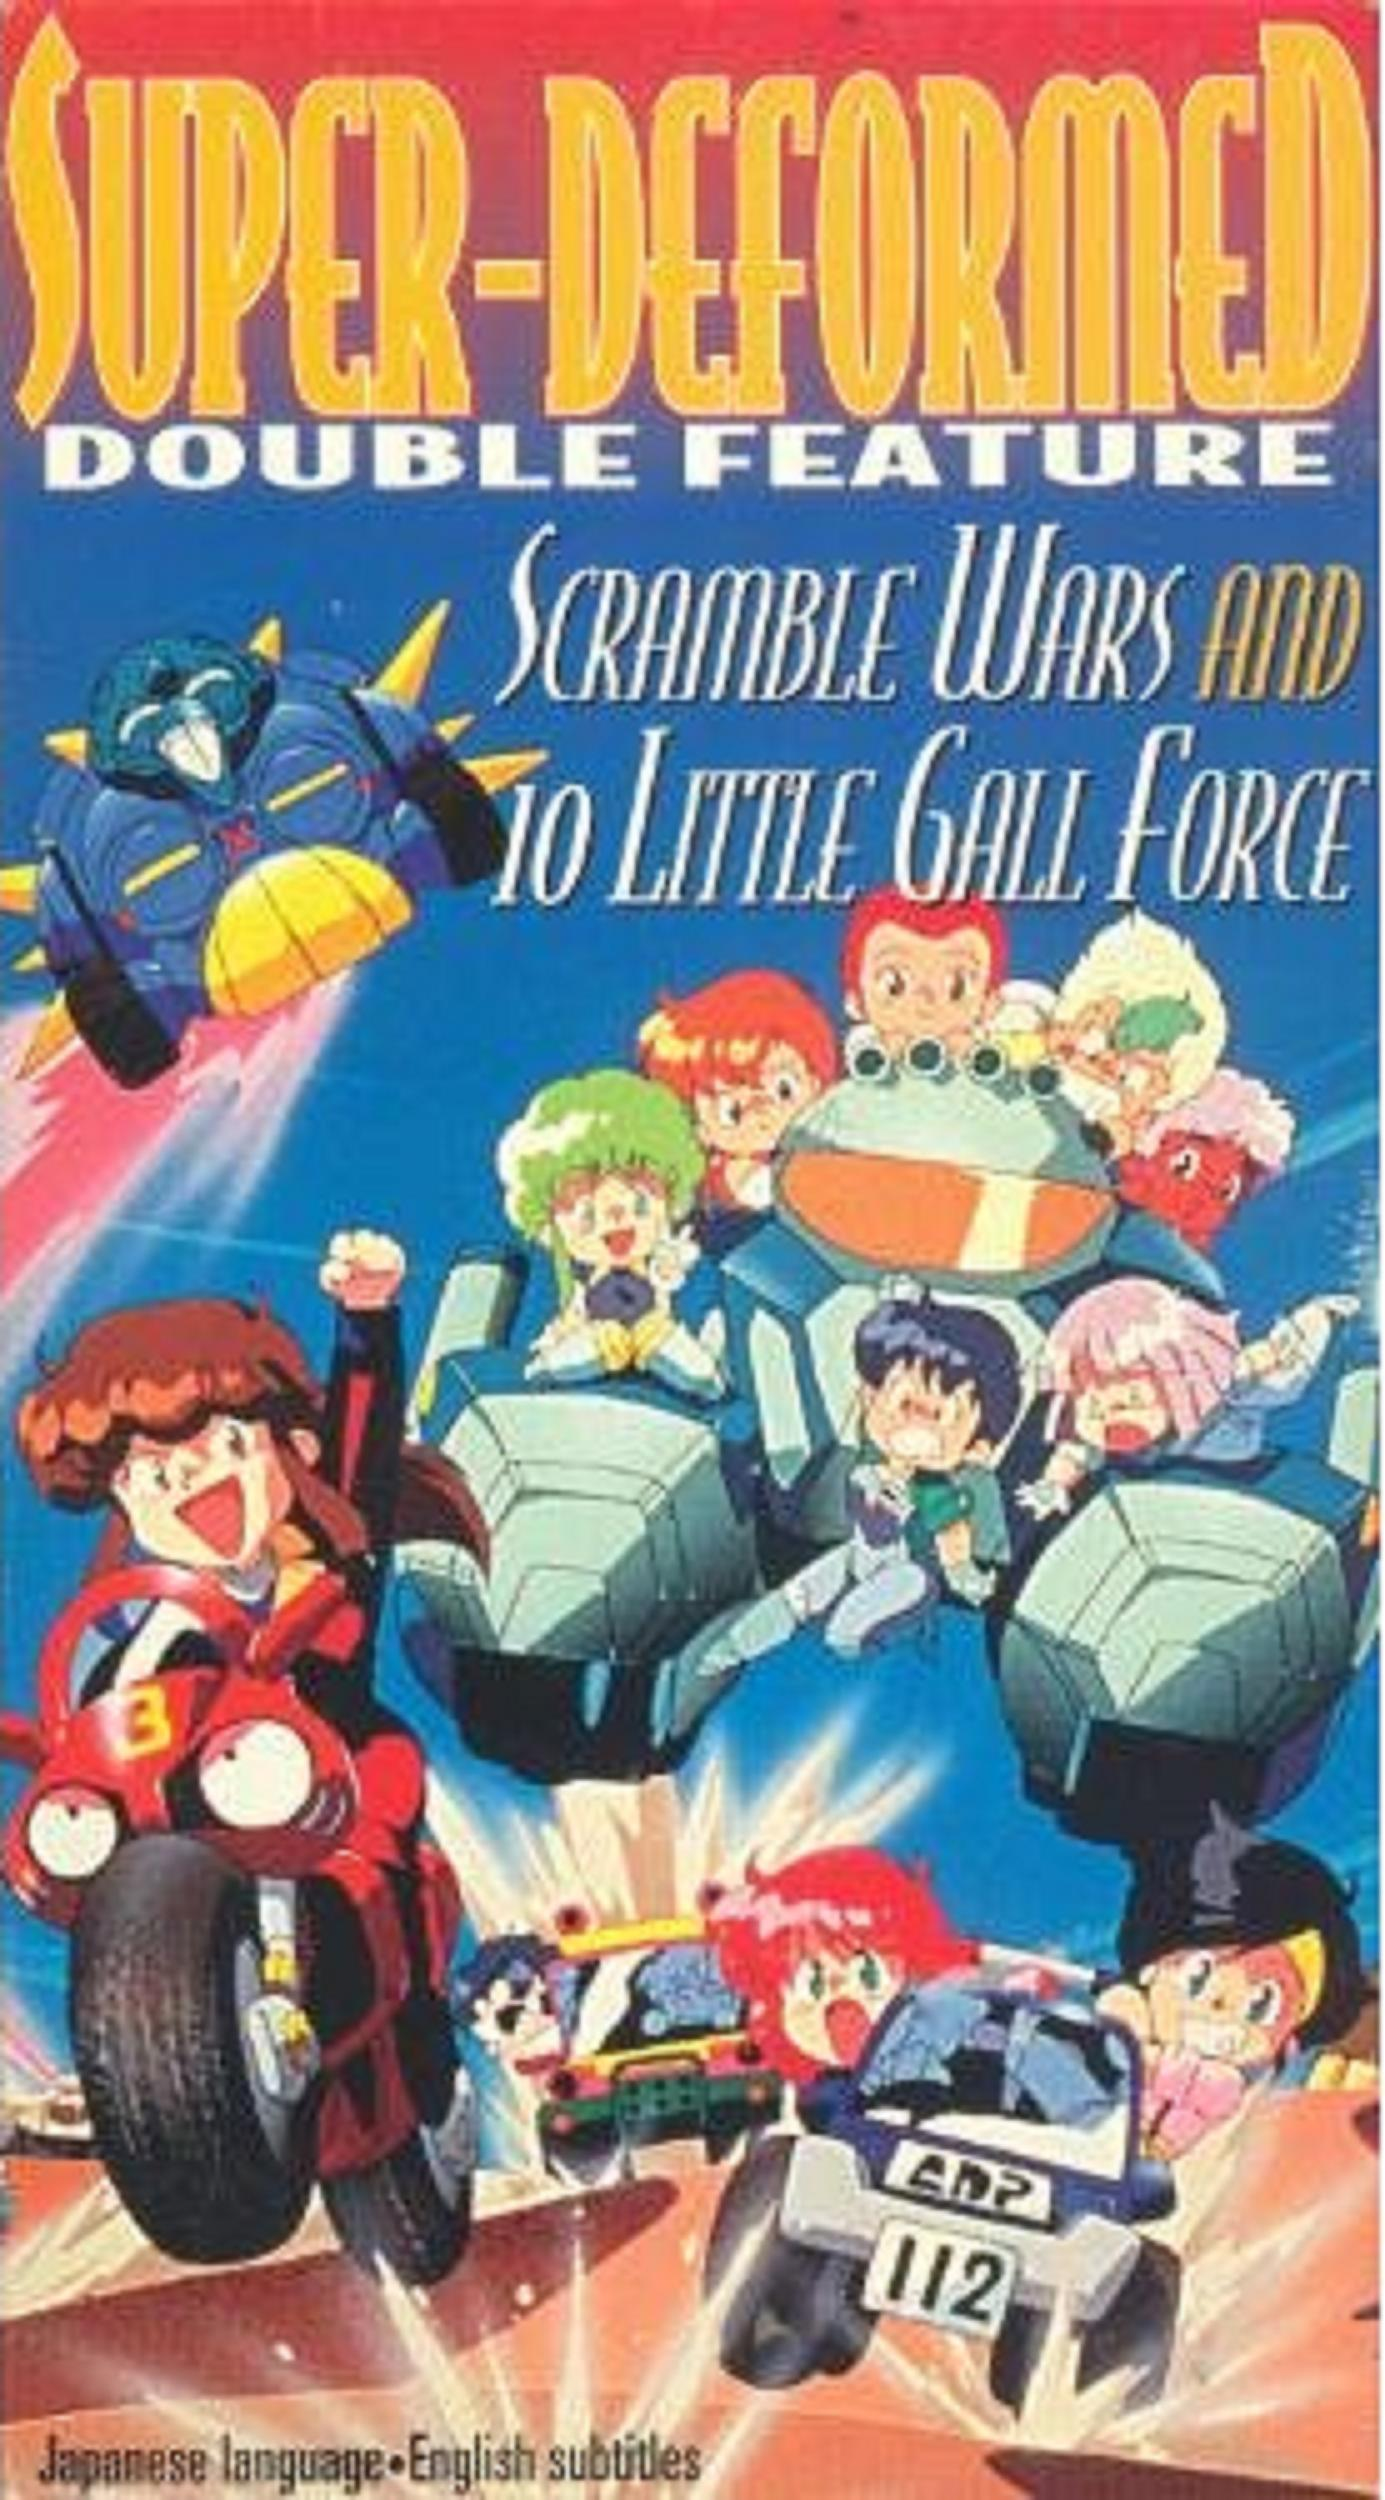 Ten Little Gall Force (1988)